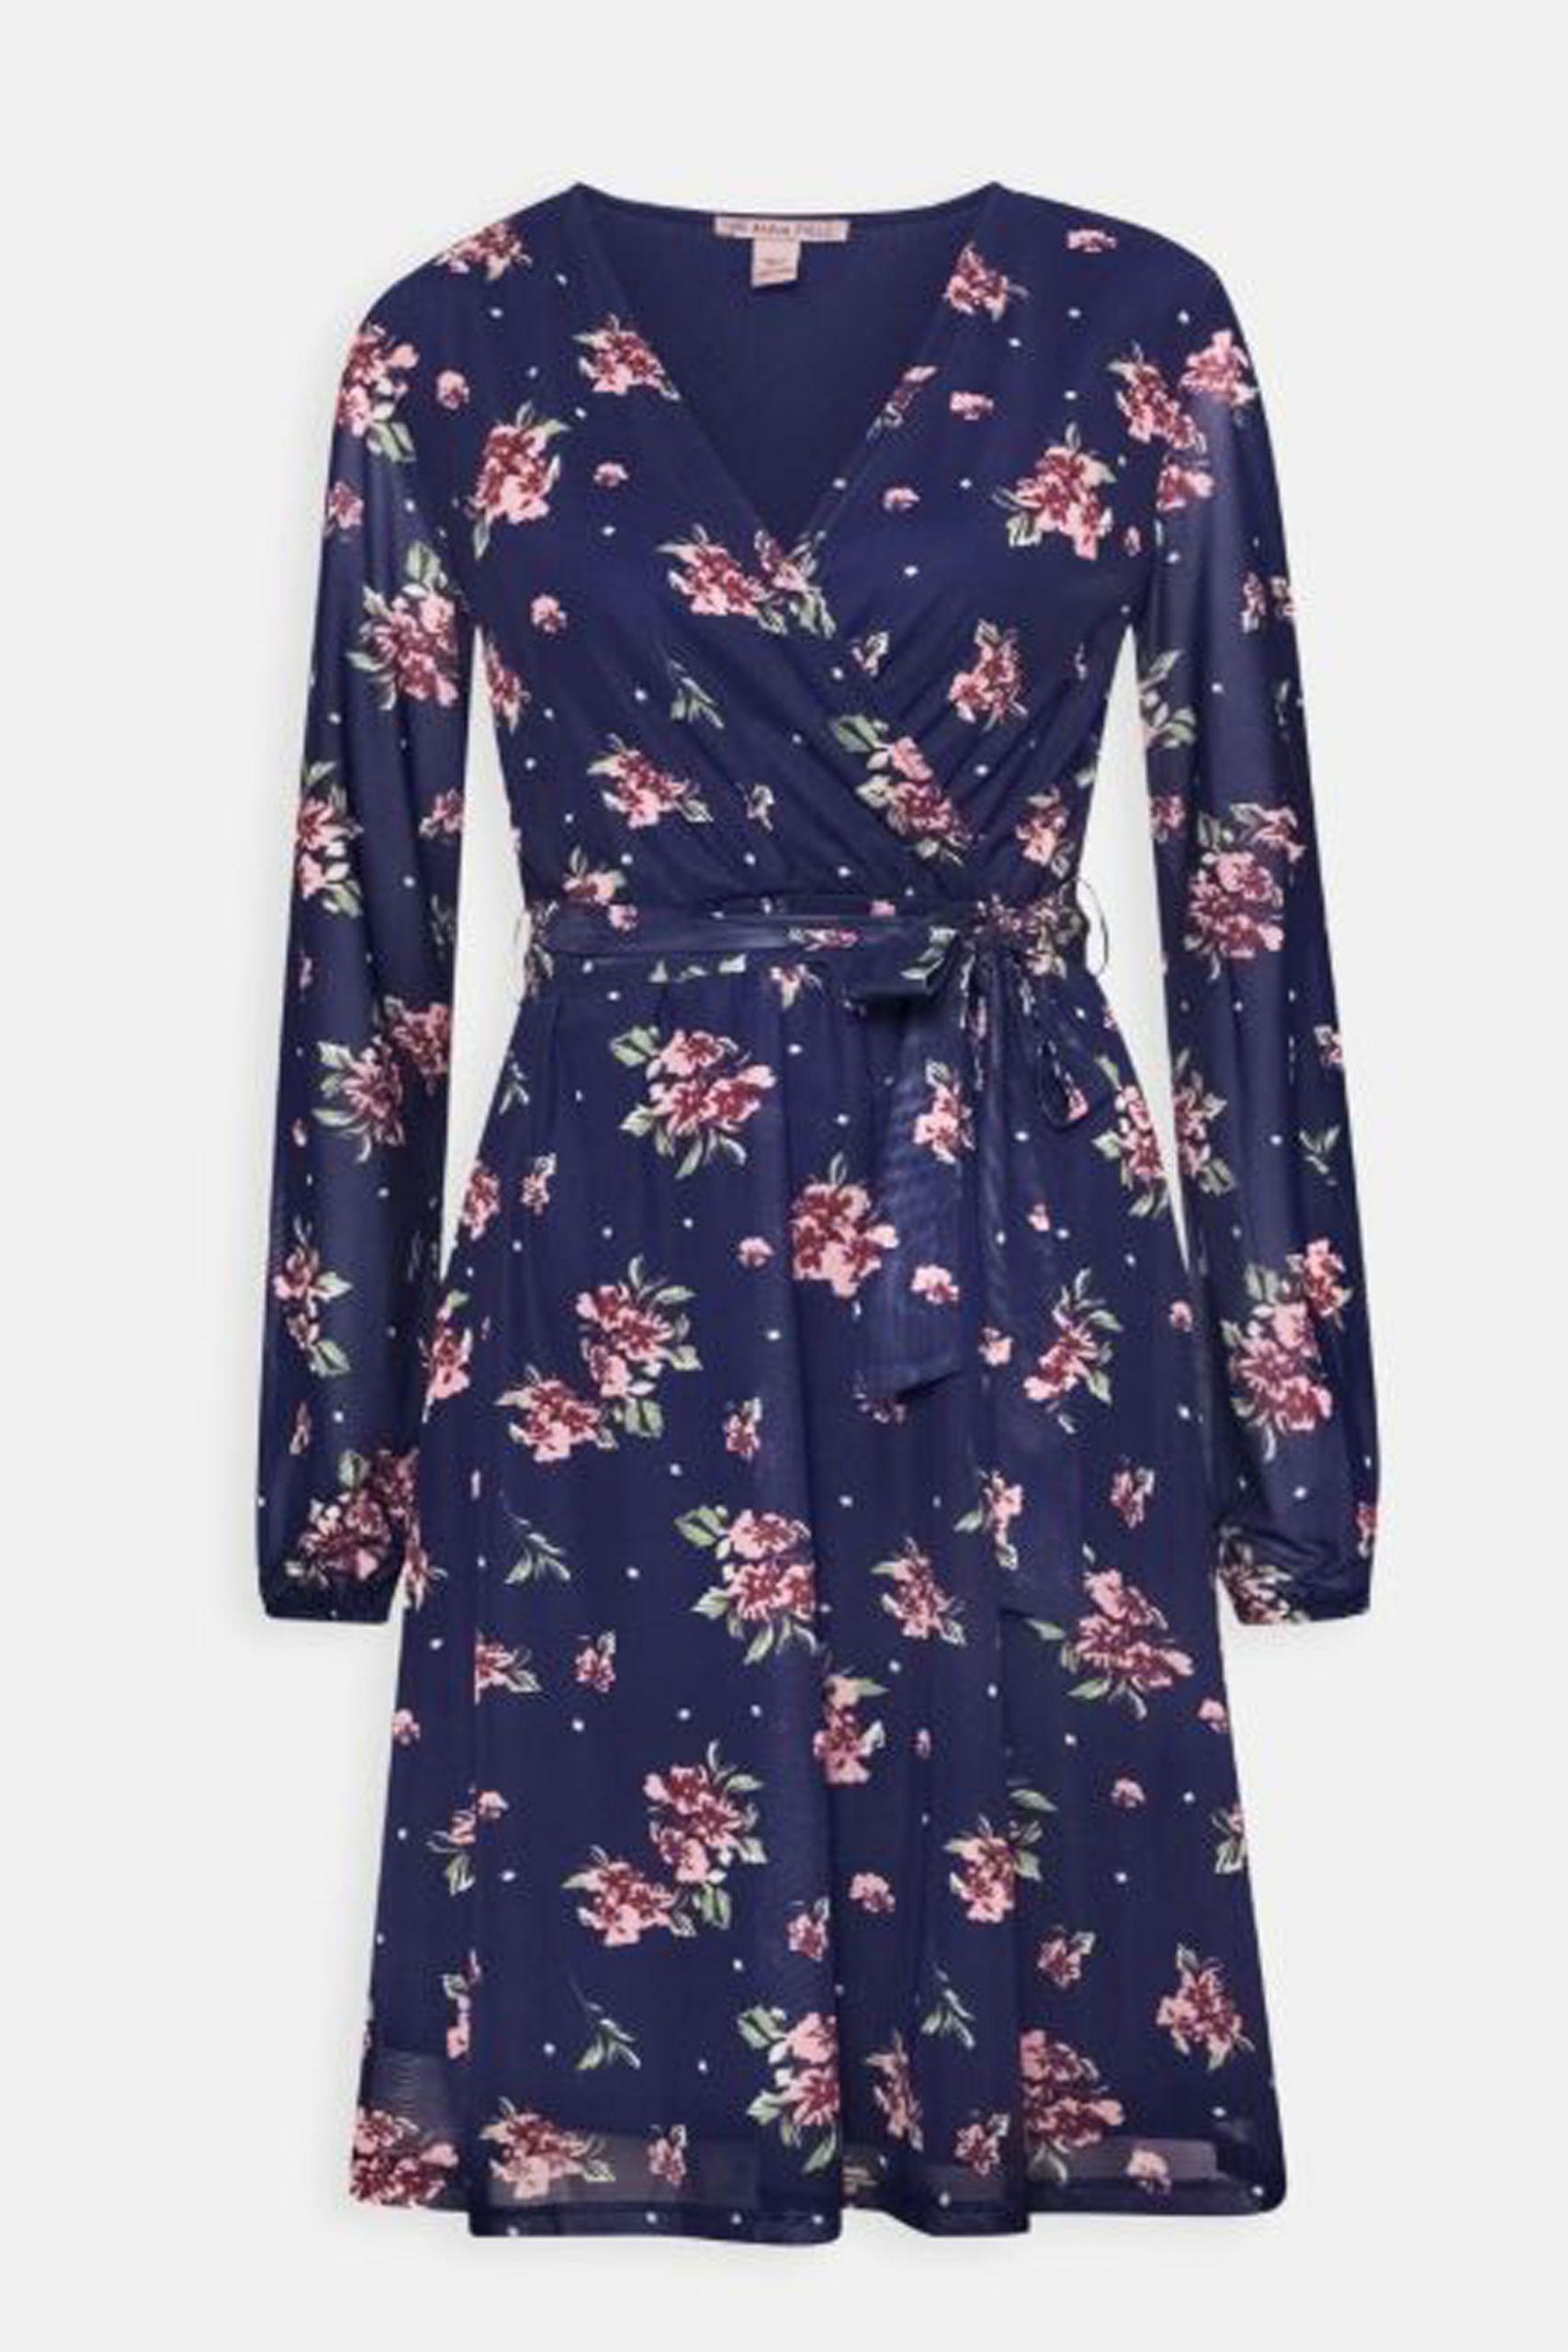 blommig-klänning-zalando